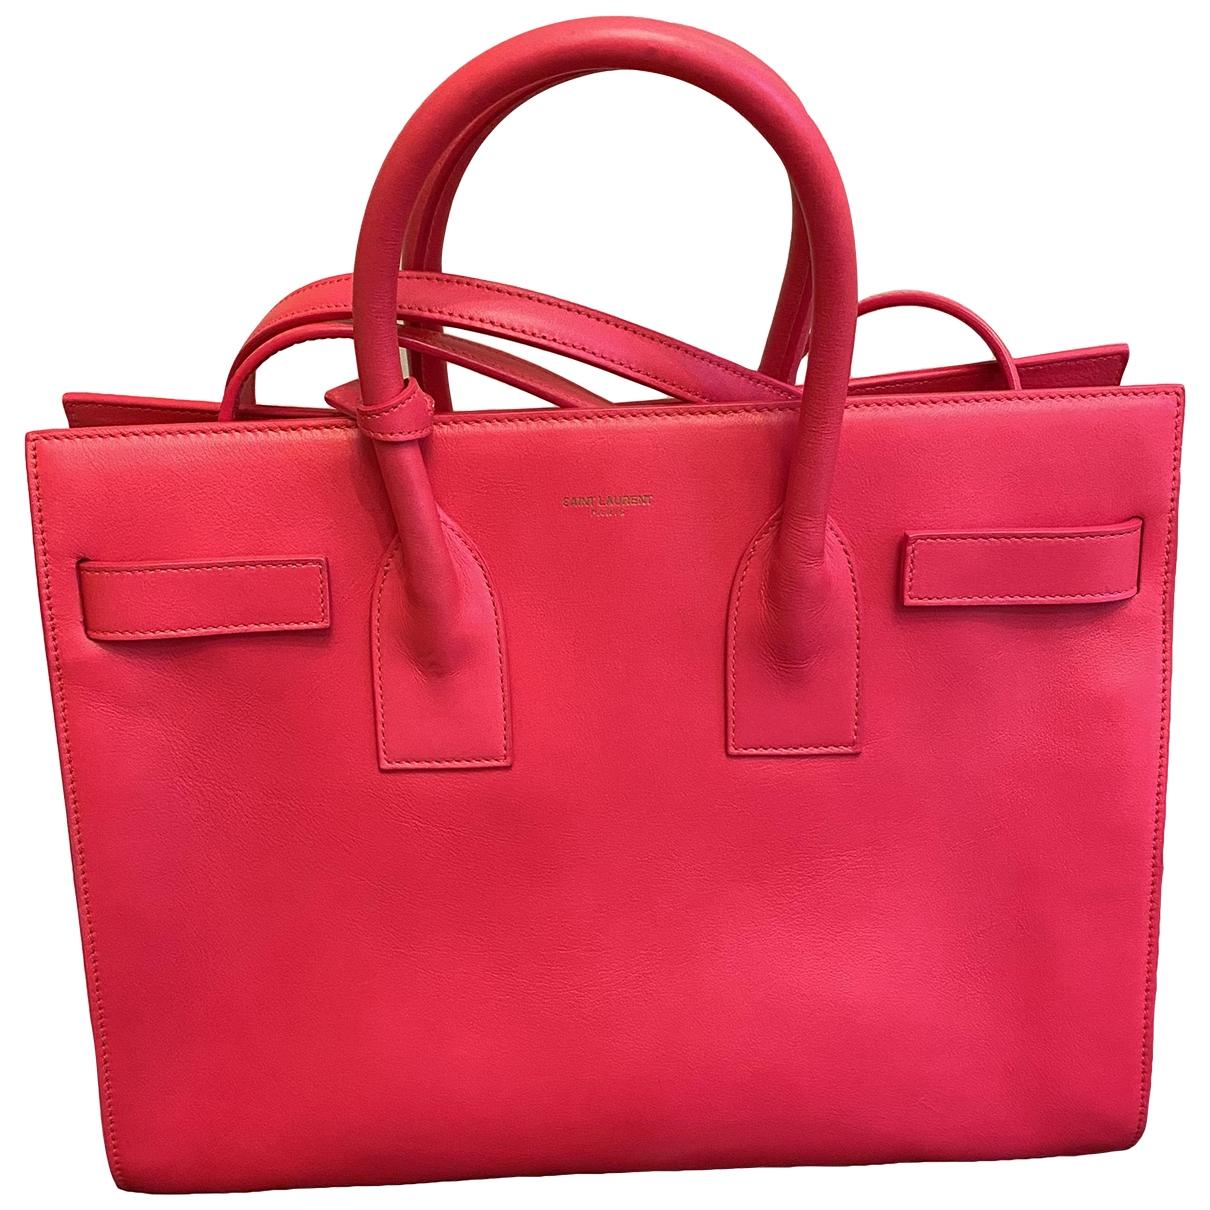 Saint Laurent Sac de Jour Handtasche in  Rosa Leder